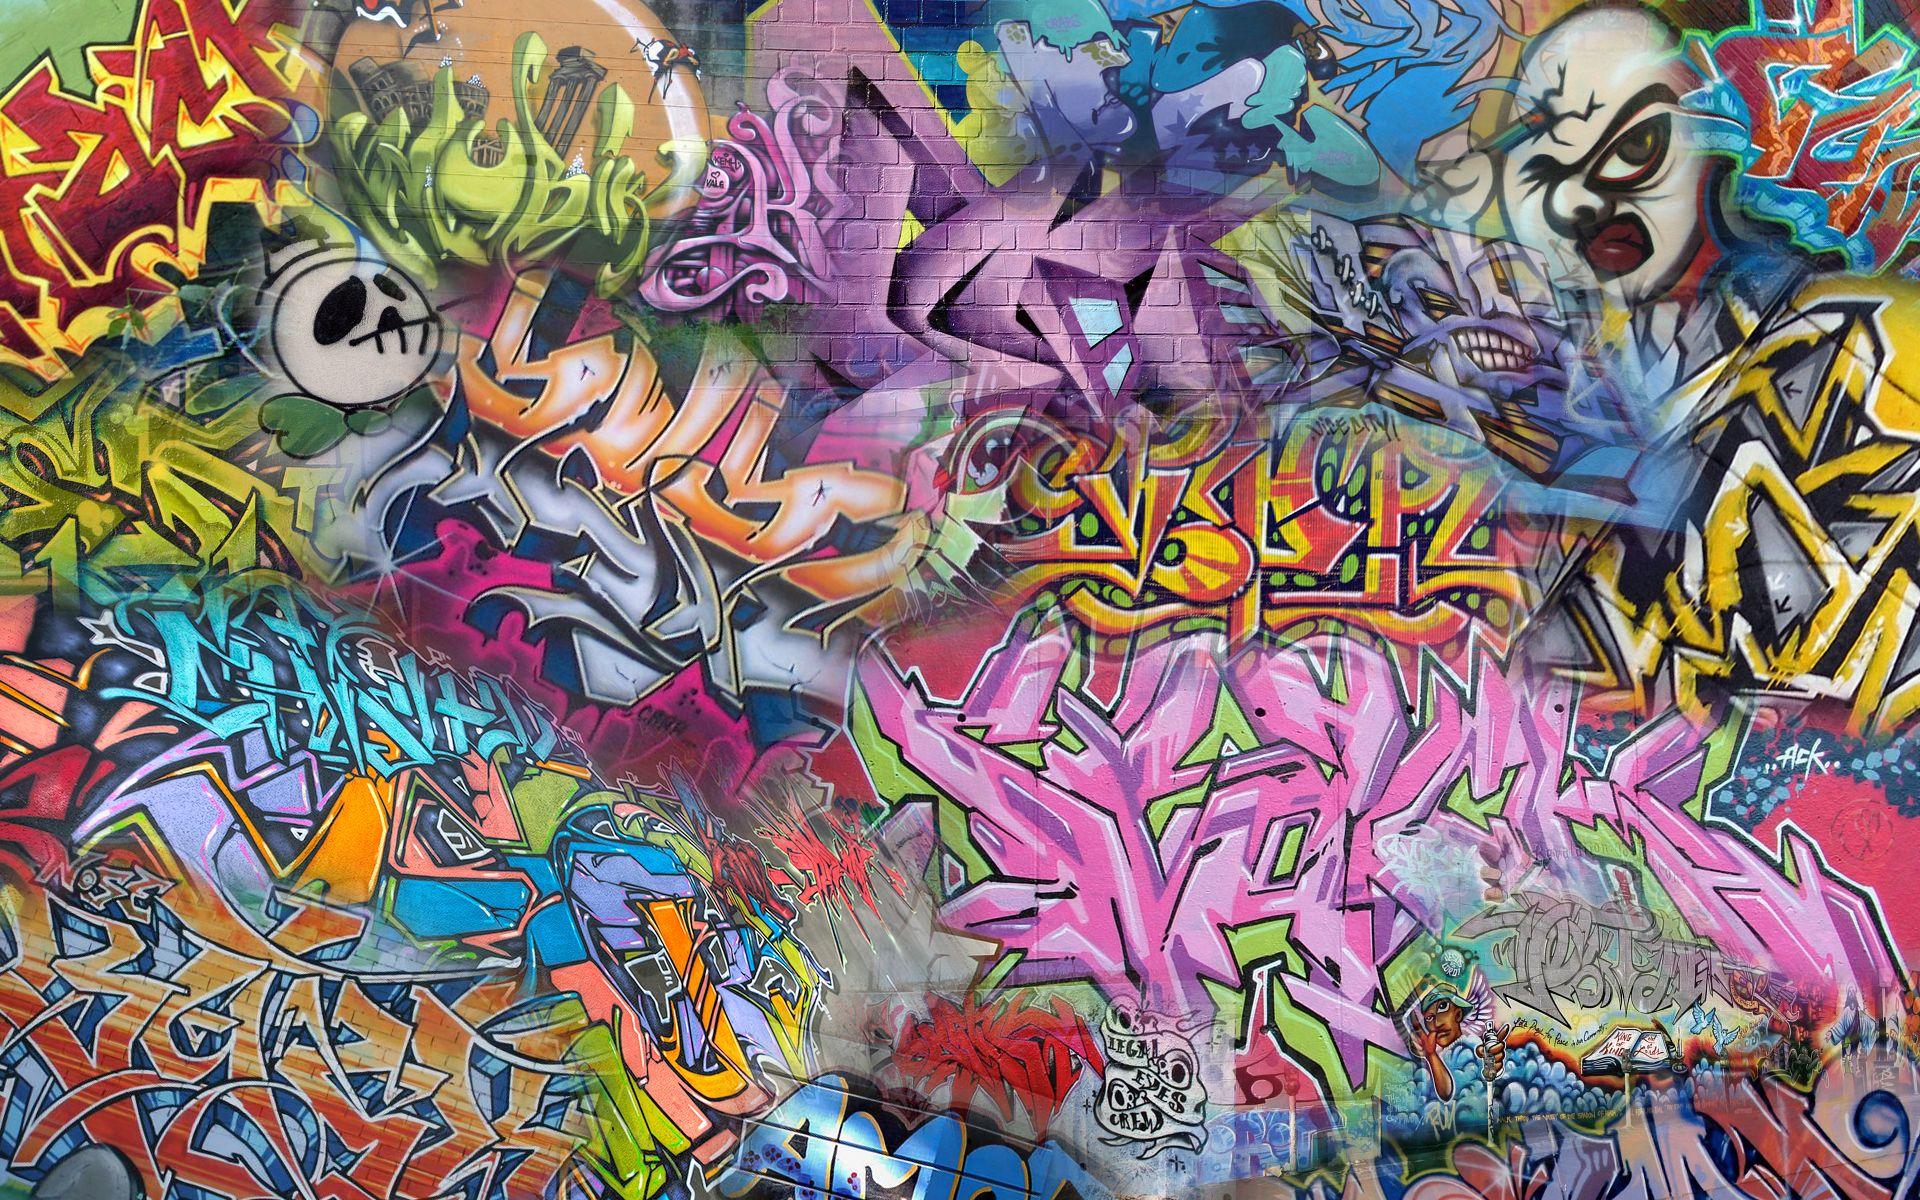 Graffiti art background - Graffiti Hd Wallpapers Backgrounds Wallpaper